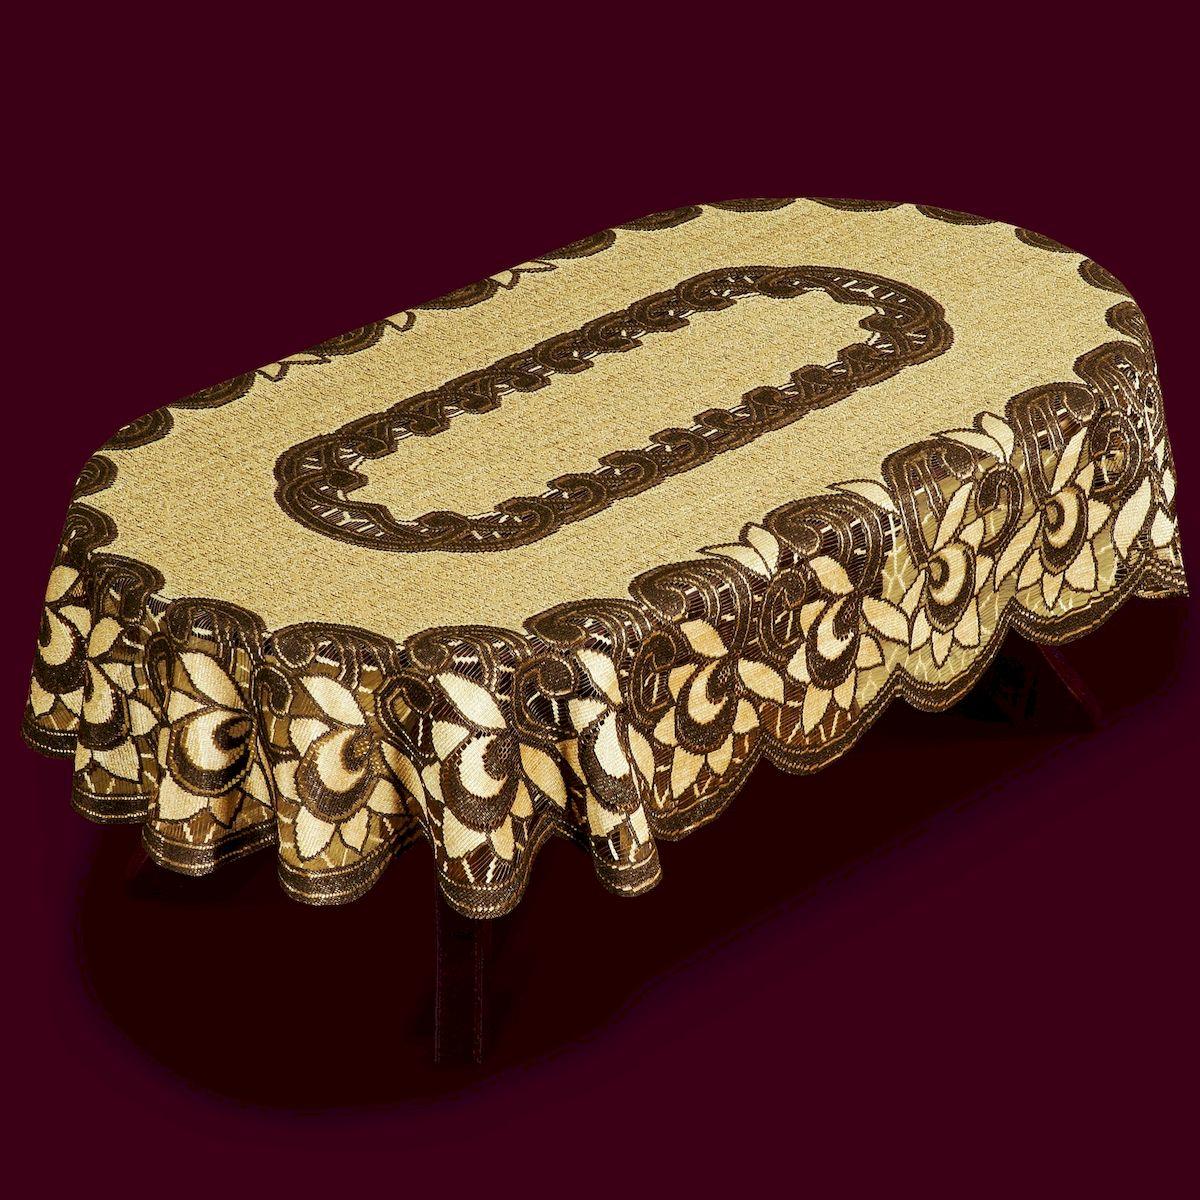 Скатерть Haft, овальная, цвет: коричневый, бежевый, 150 x 100 см. 387814630003364517Великолепная скатерть Haft, выполненная из полиэстера, органично впишется в интерьер любого помещения, а оригинальный дизайн удовлетворит даже самый изысканный вкус.Скатерть Haft создаст праздничное настроение и станет прекрасным дополнением интерьера гостиной, кухни или столовой.